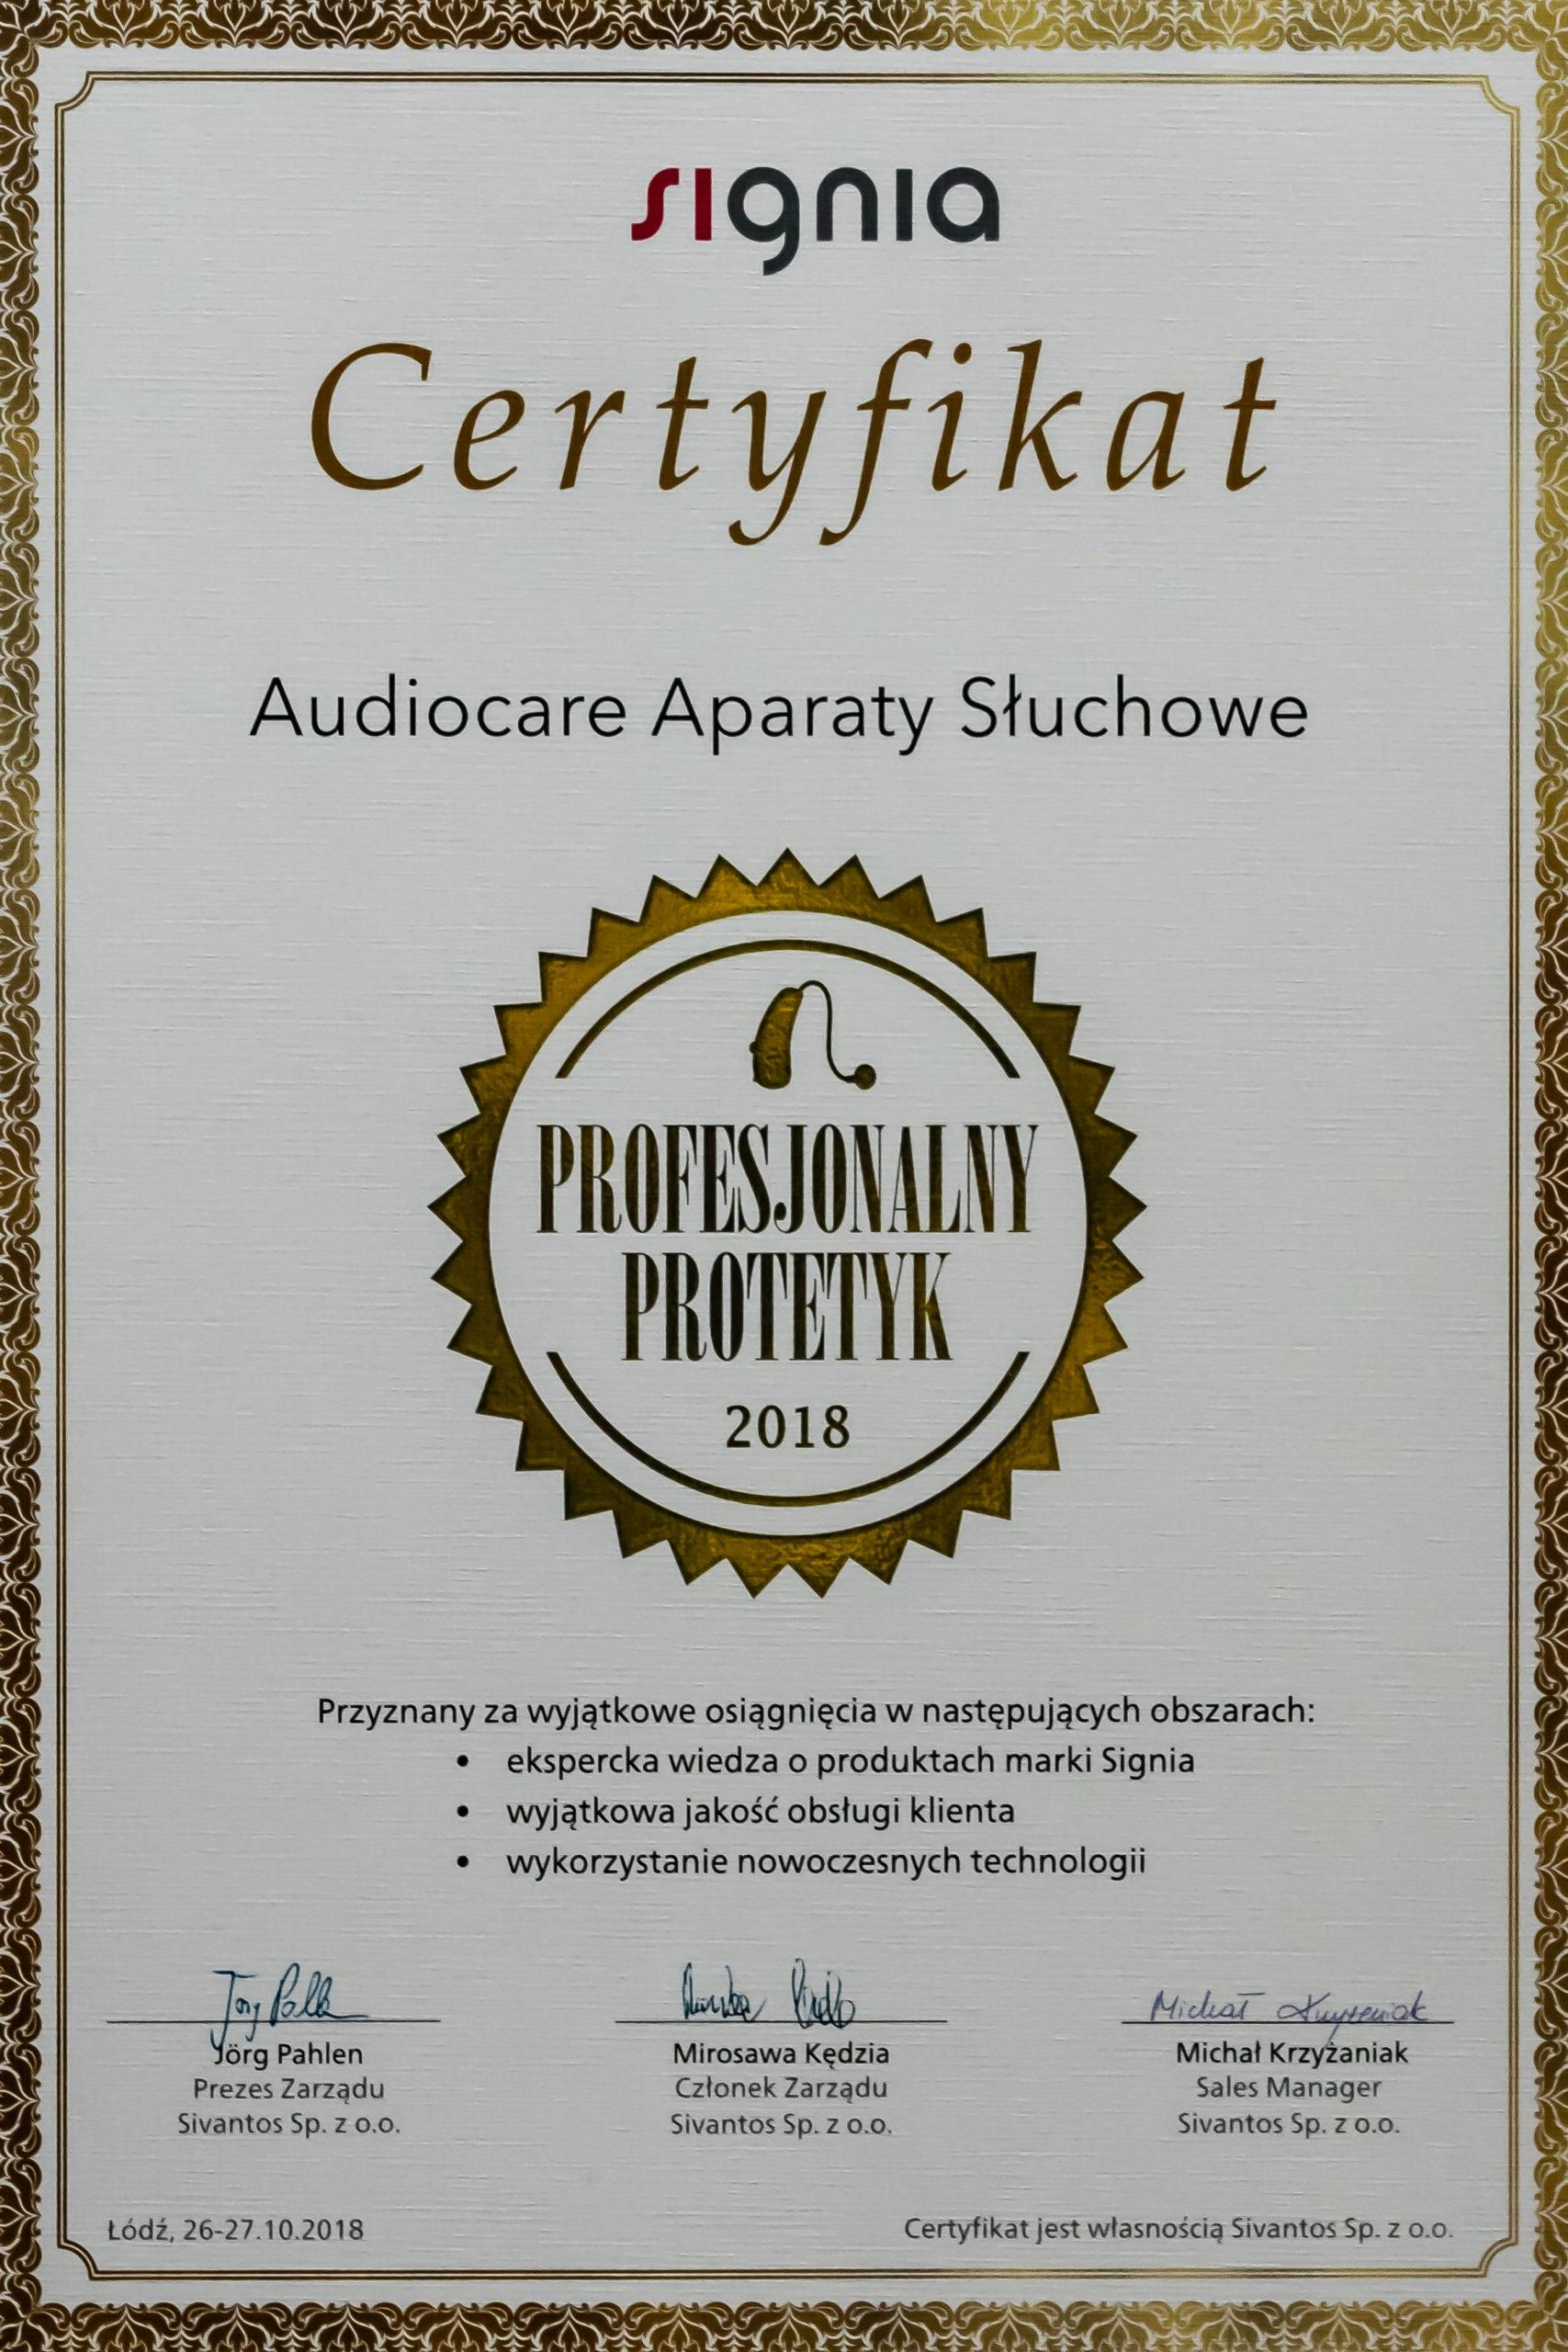 AUDIOCARE Aparaty Słuchowe | Signia - 2018 certyfikat profesjonalny protetyk